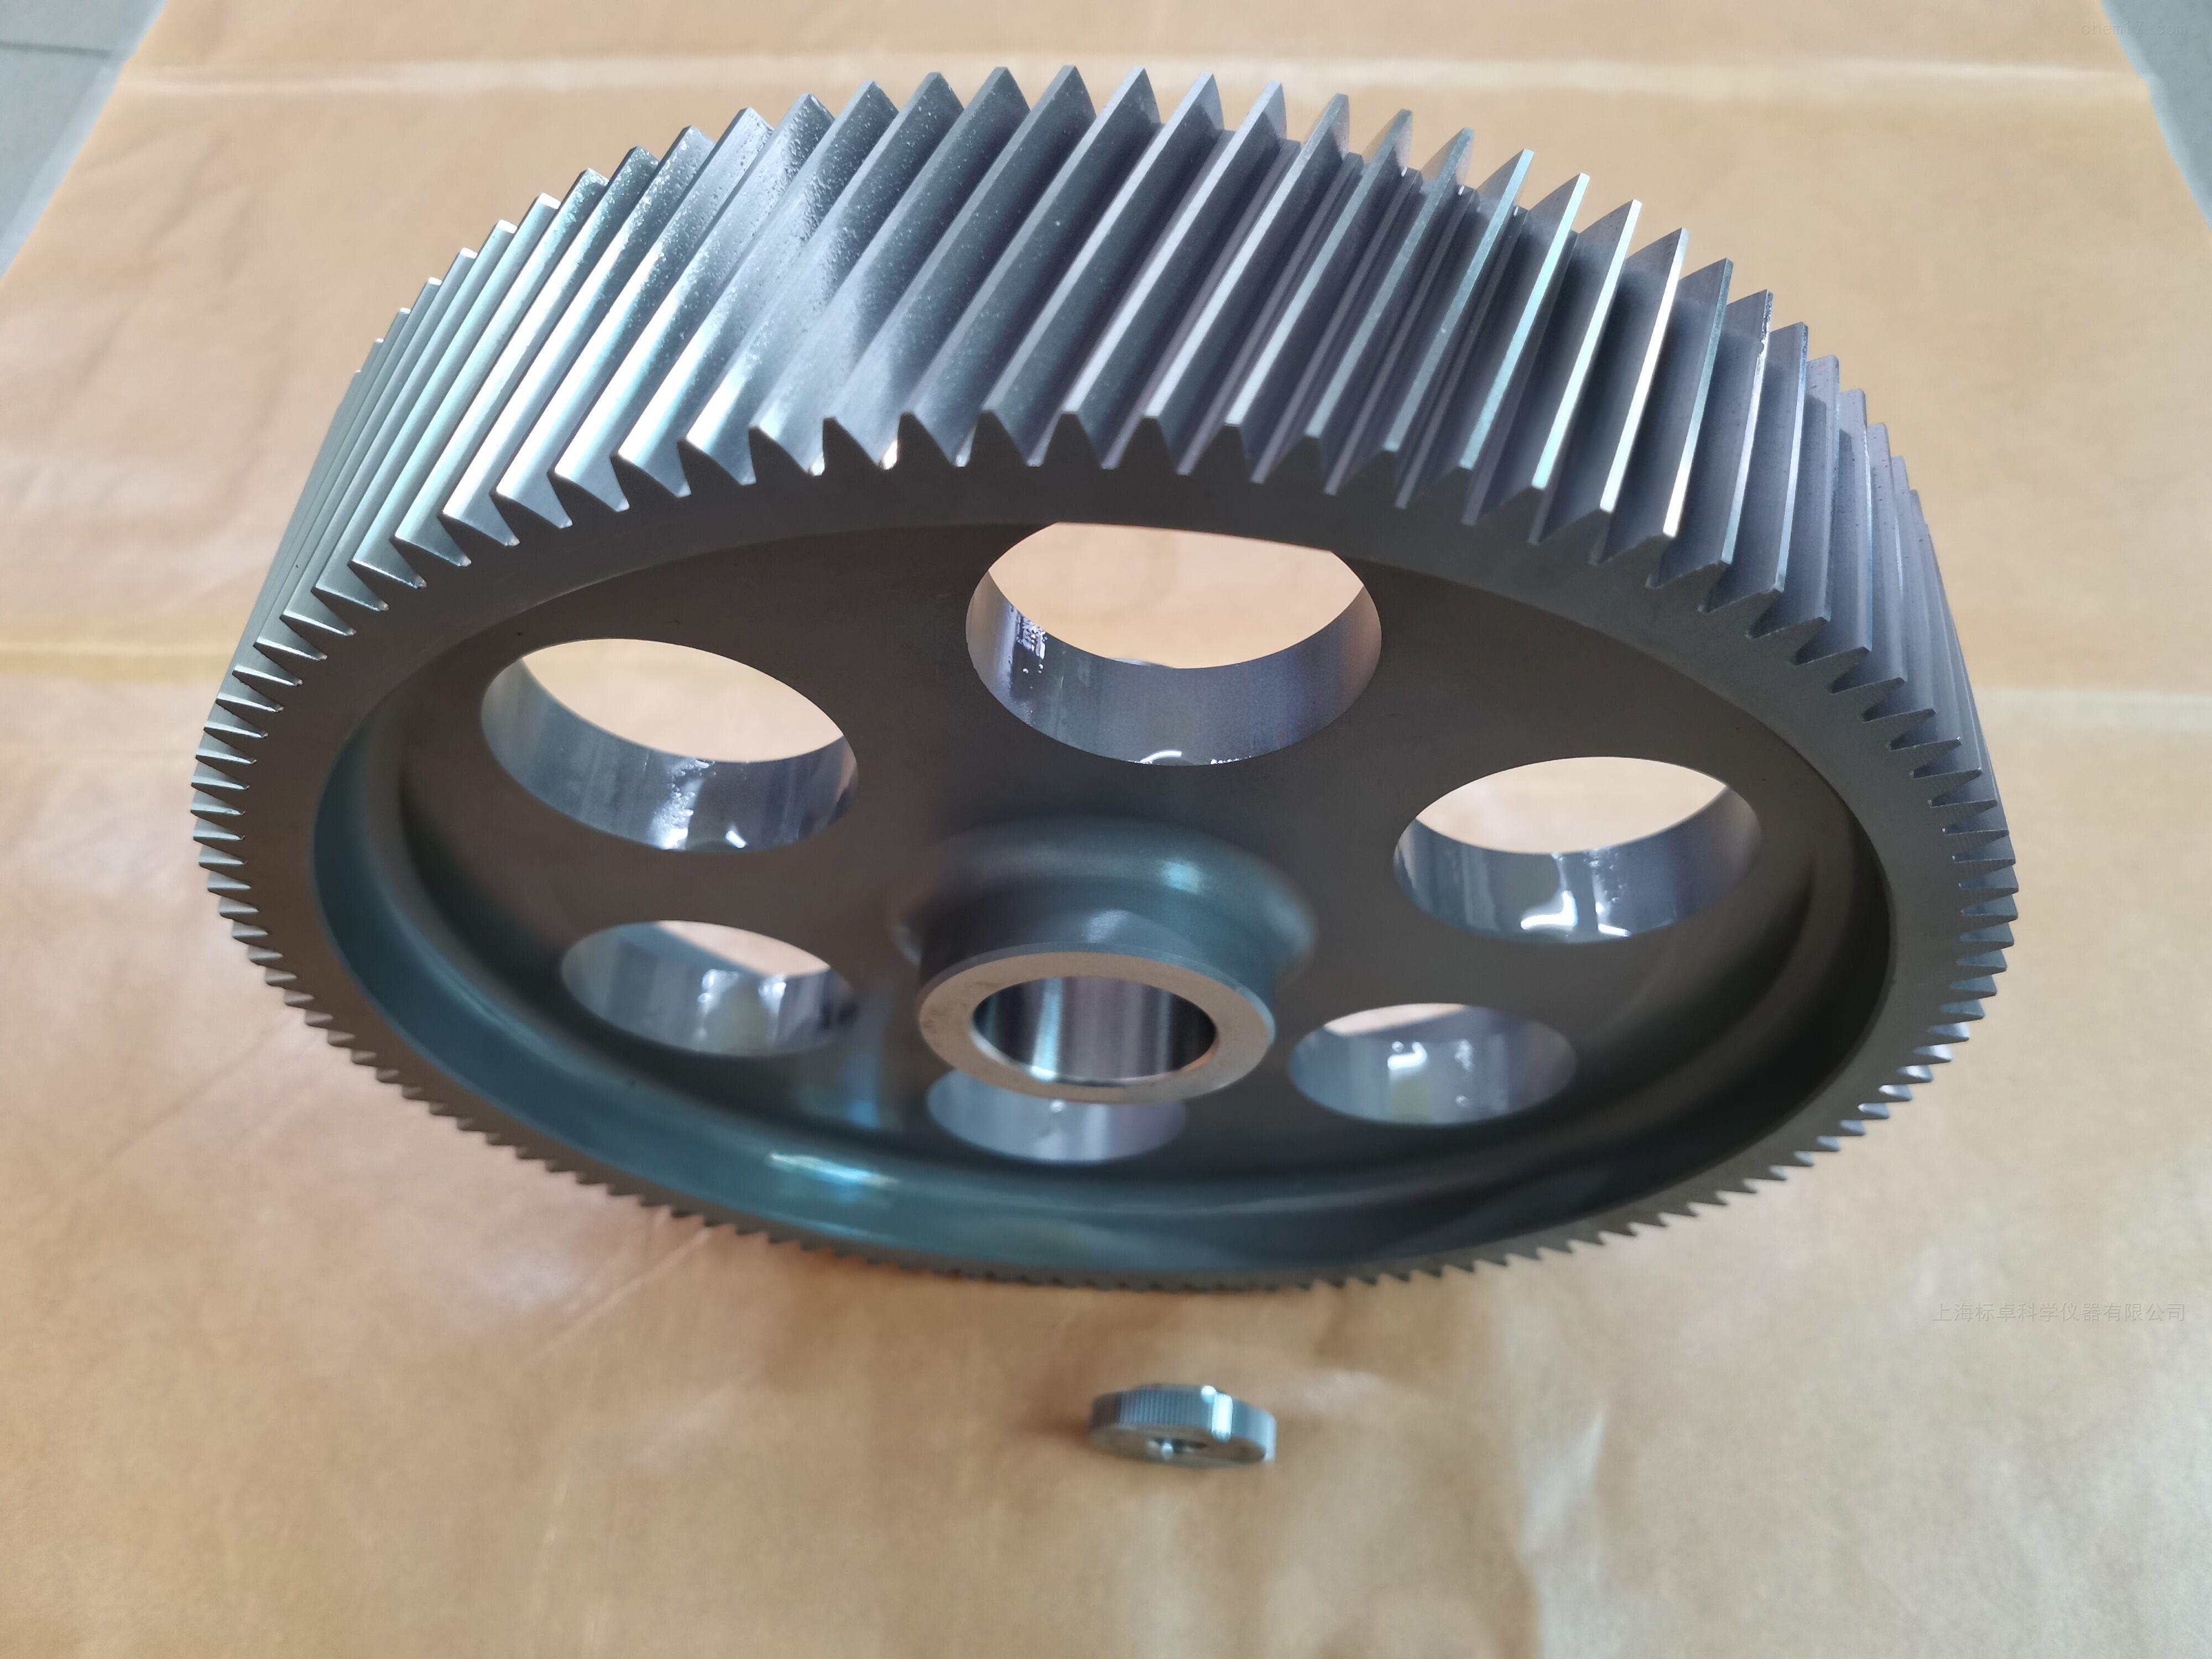 齒輪嚙合儀用標準齒輪 精度3級 4級 5級